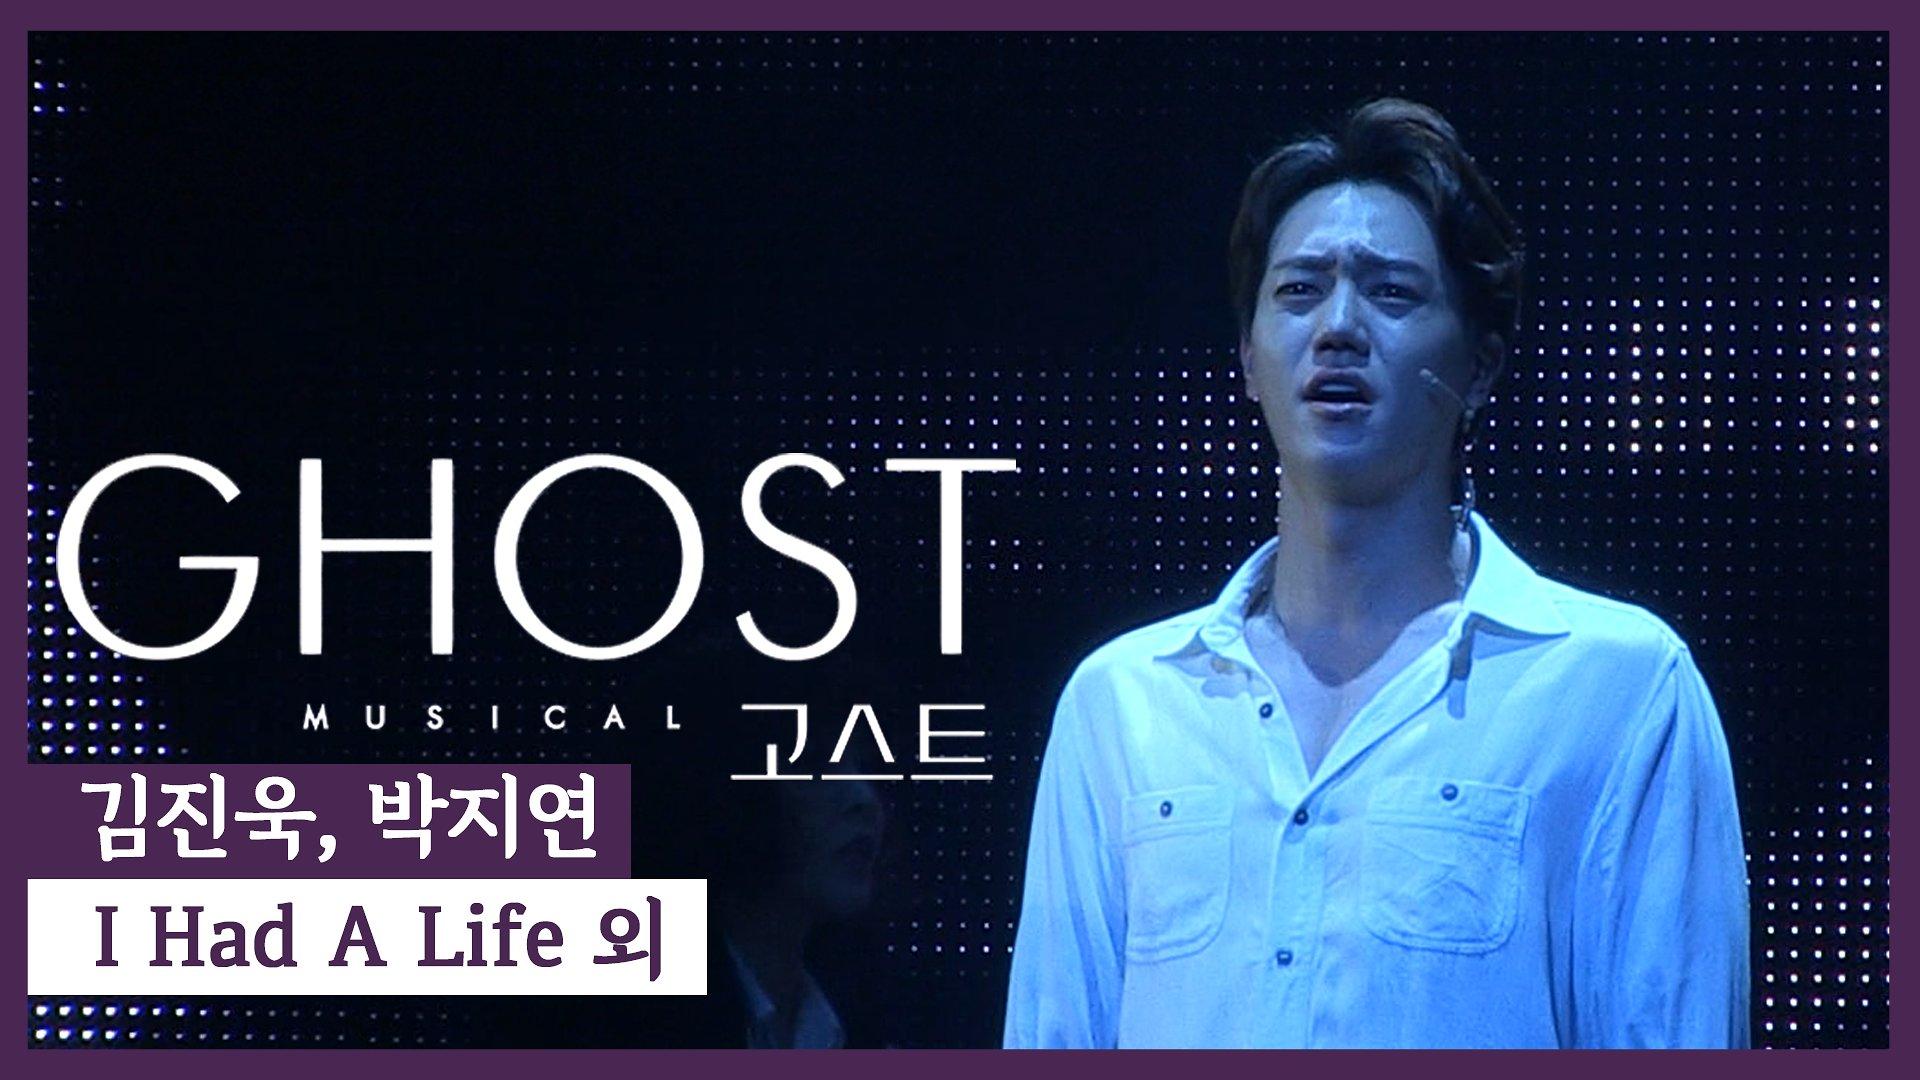 뮤지컬 '고스트' 2020 프레스콜 'I Had A Life' 외 - 김진욱, 박지연, 백형훈 외